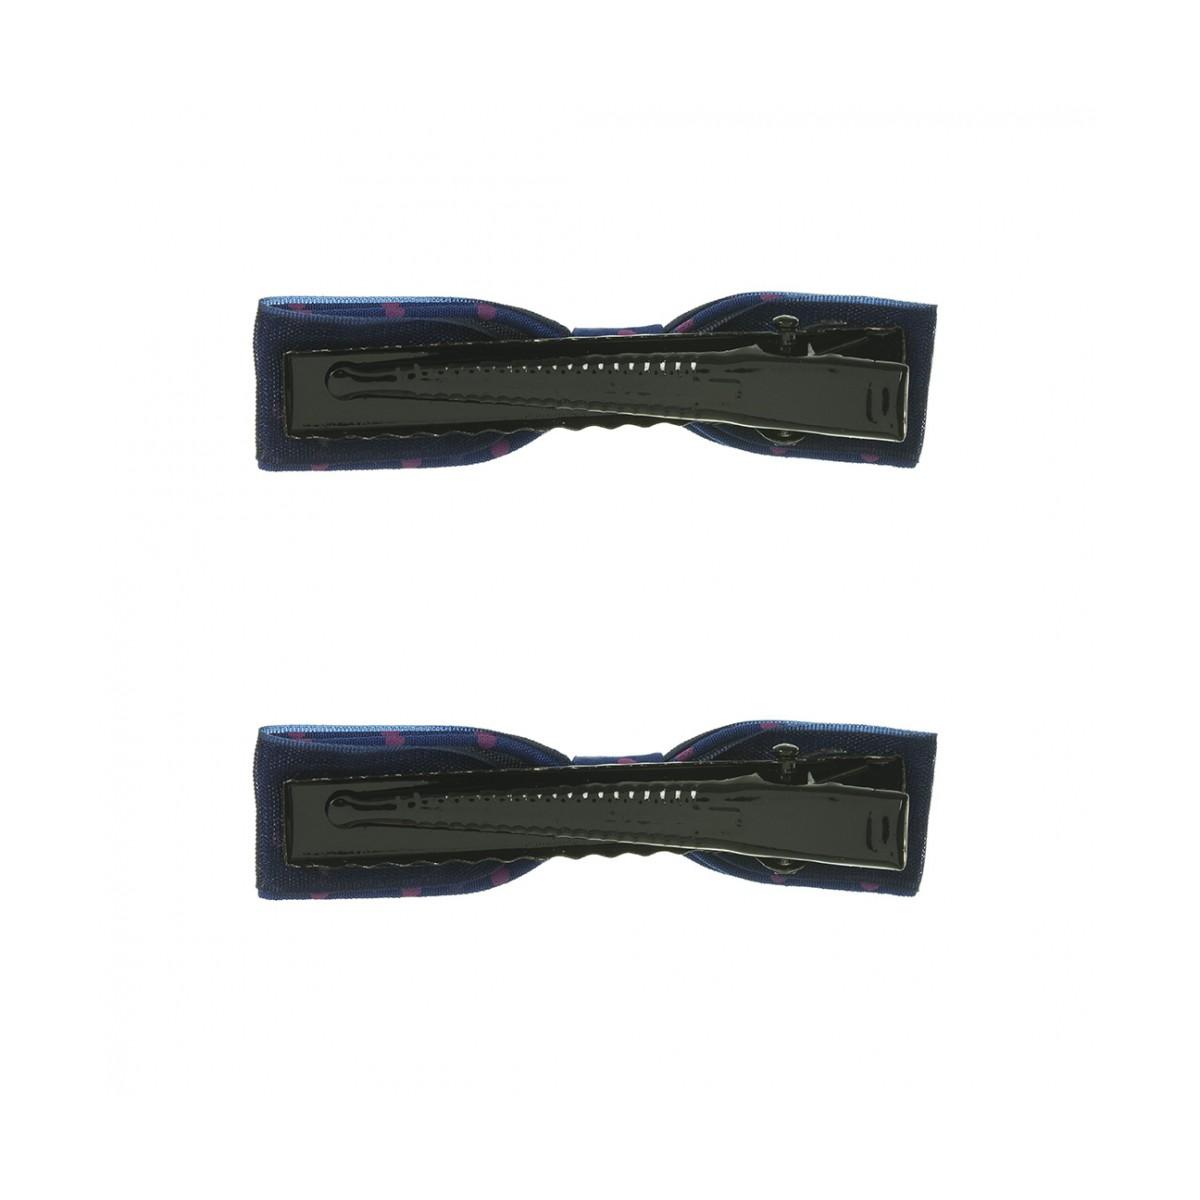 Spinka do włosów 130276-4 (2szt)